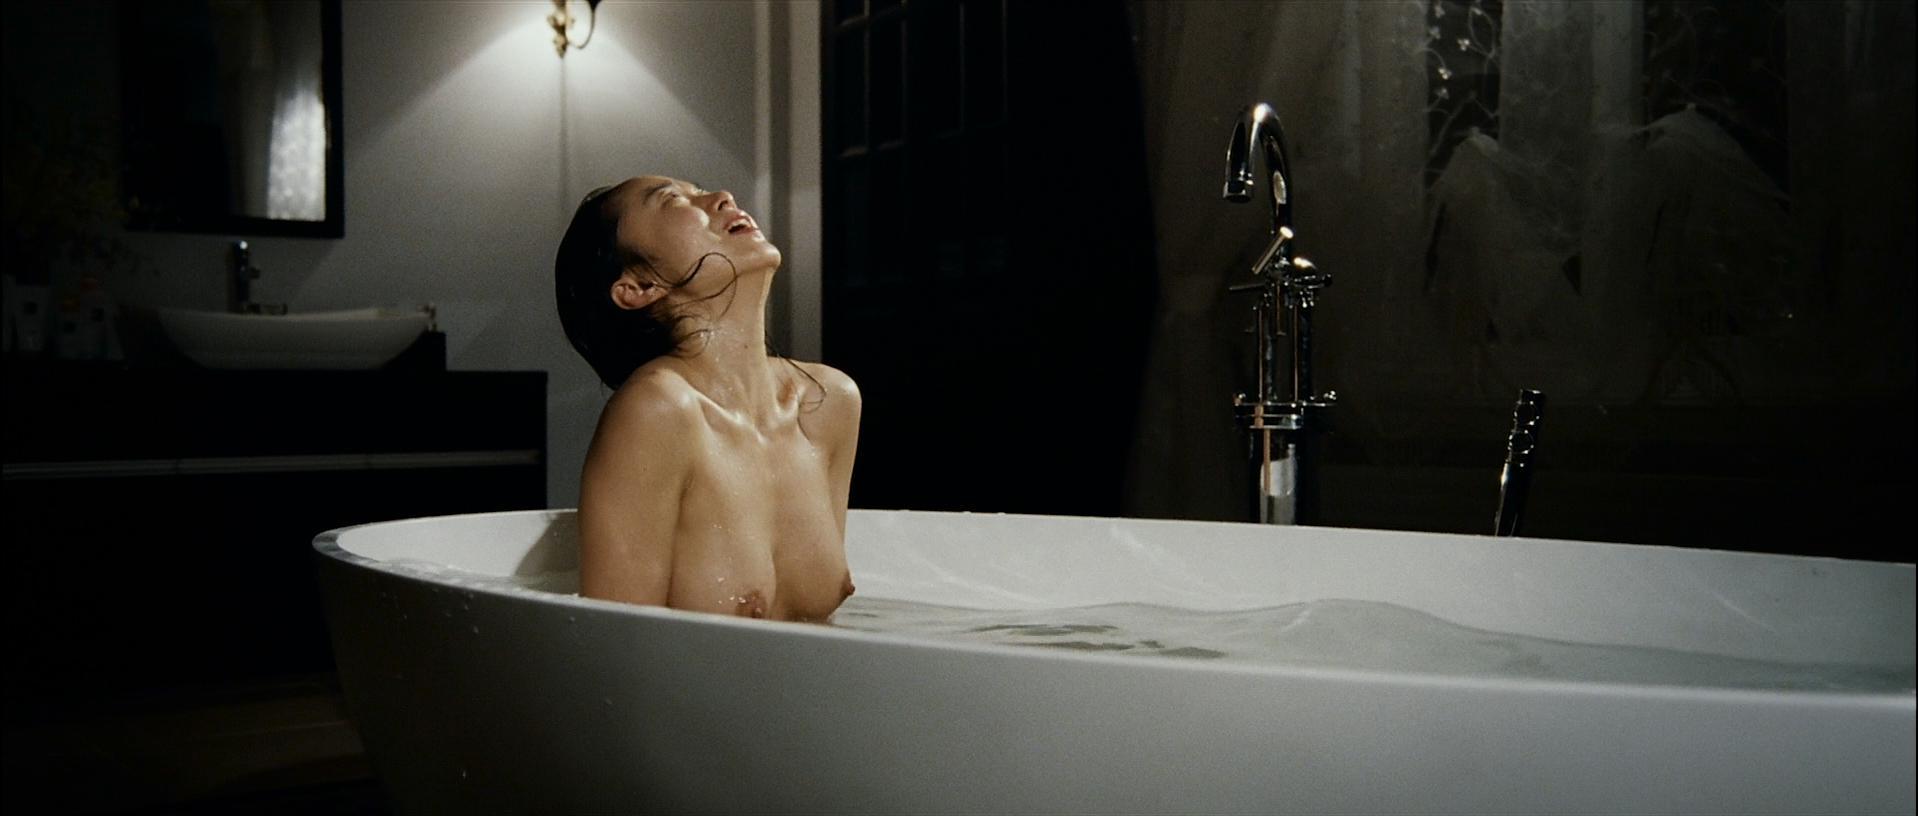 Do-yeon Jeon, Woo Seo naked – The Housemaid (2010)